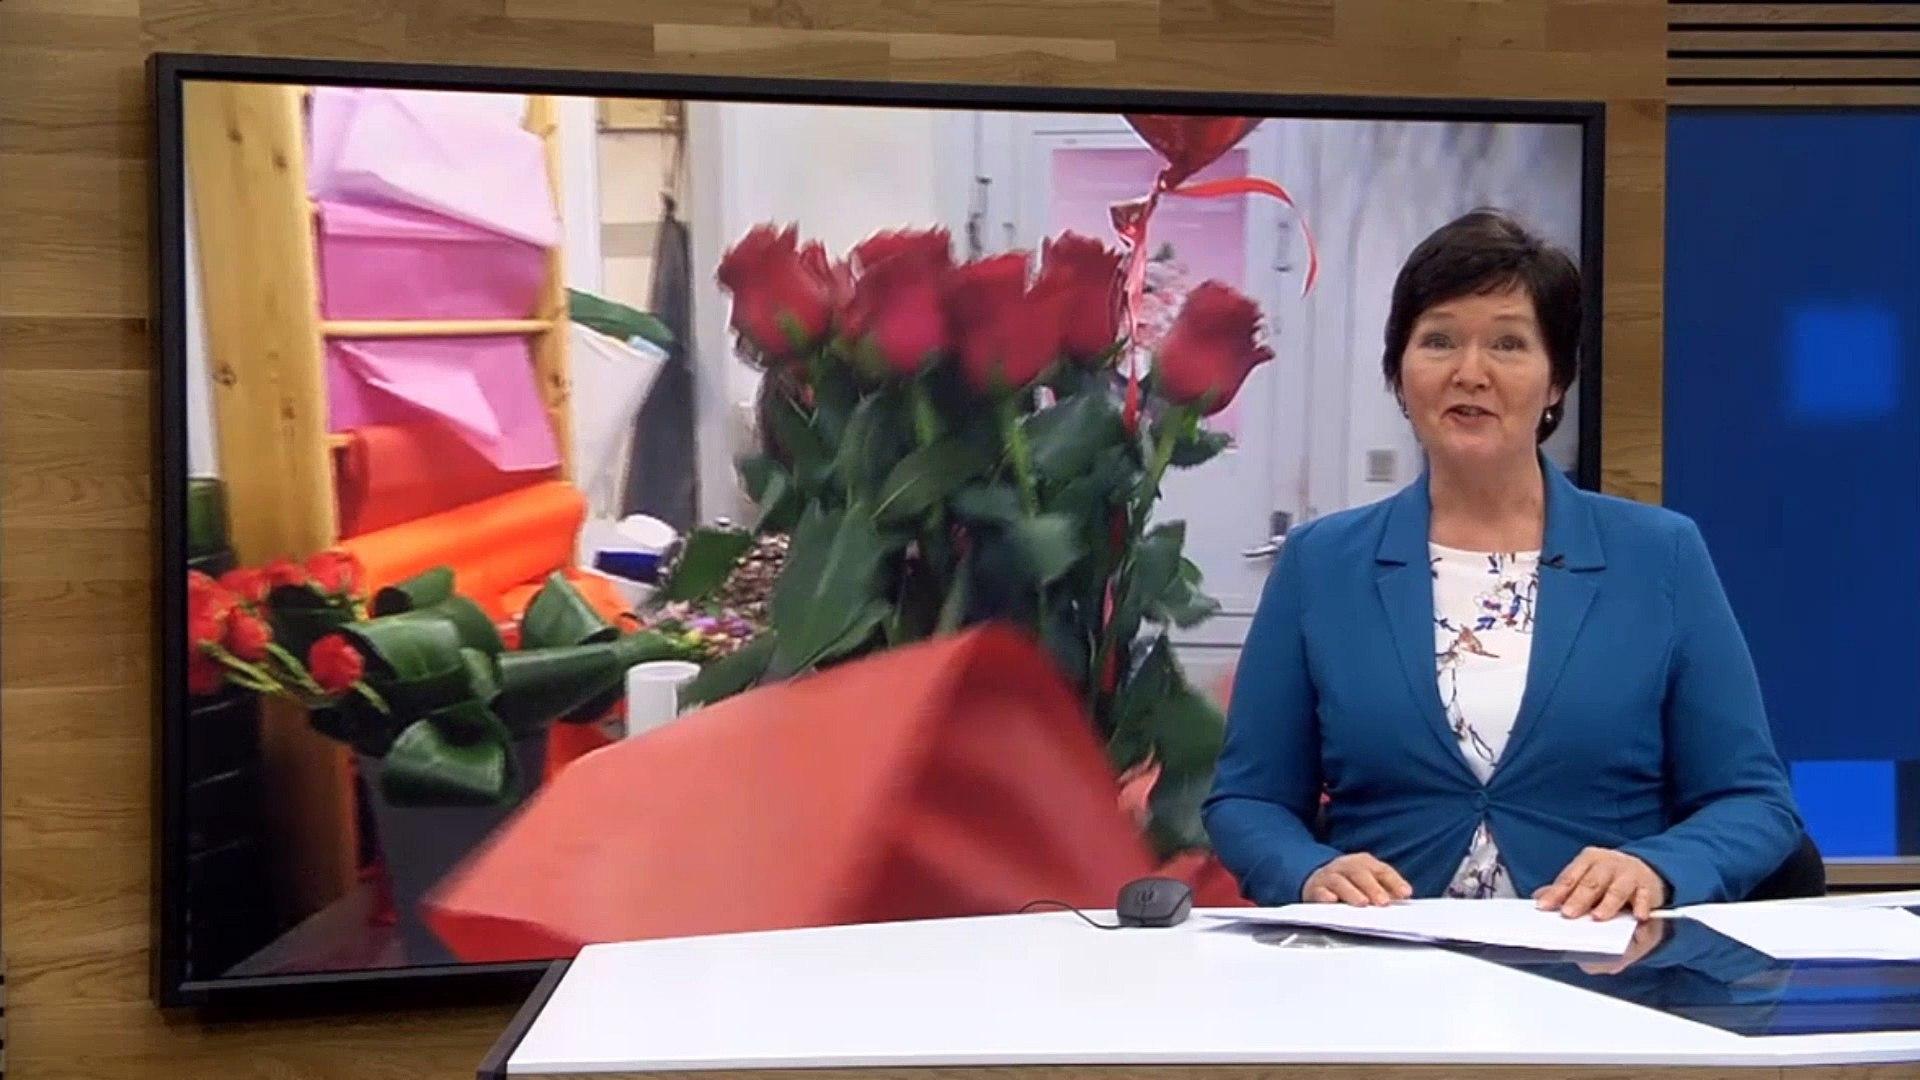 Indslag om Skuddag d.24 Februar 2020 og som betyder kvinder må fri i dag | TV2 BORNHOLM